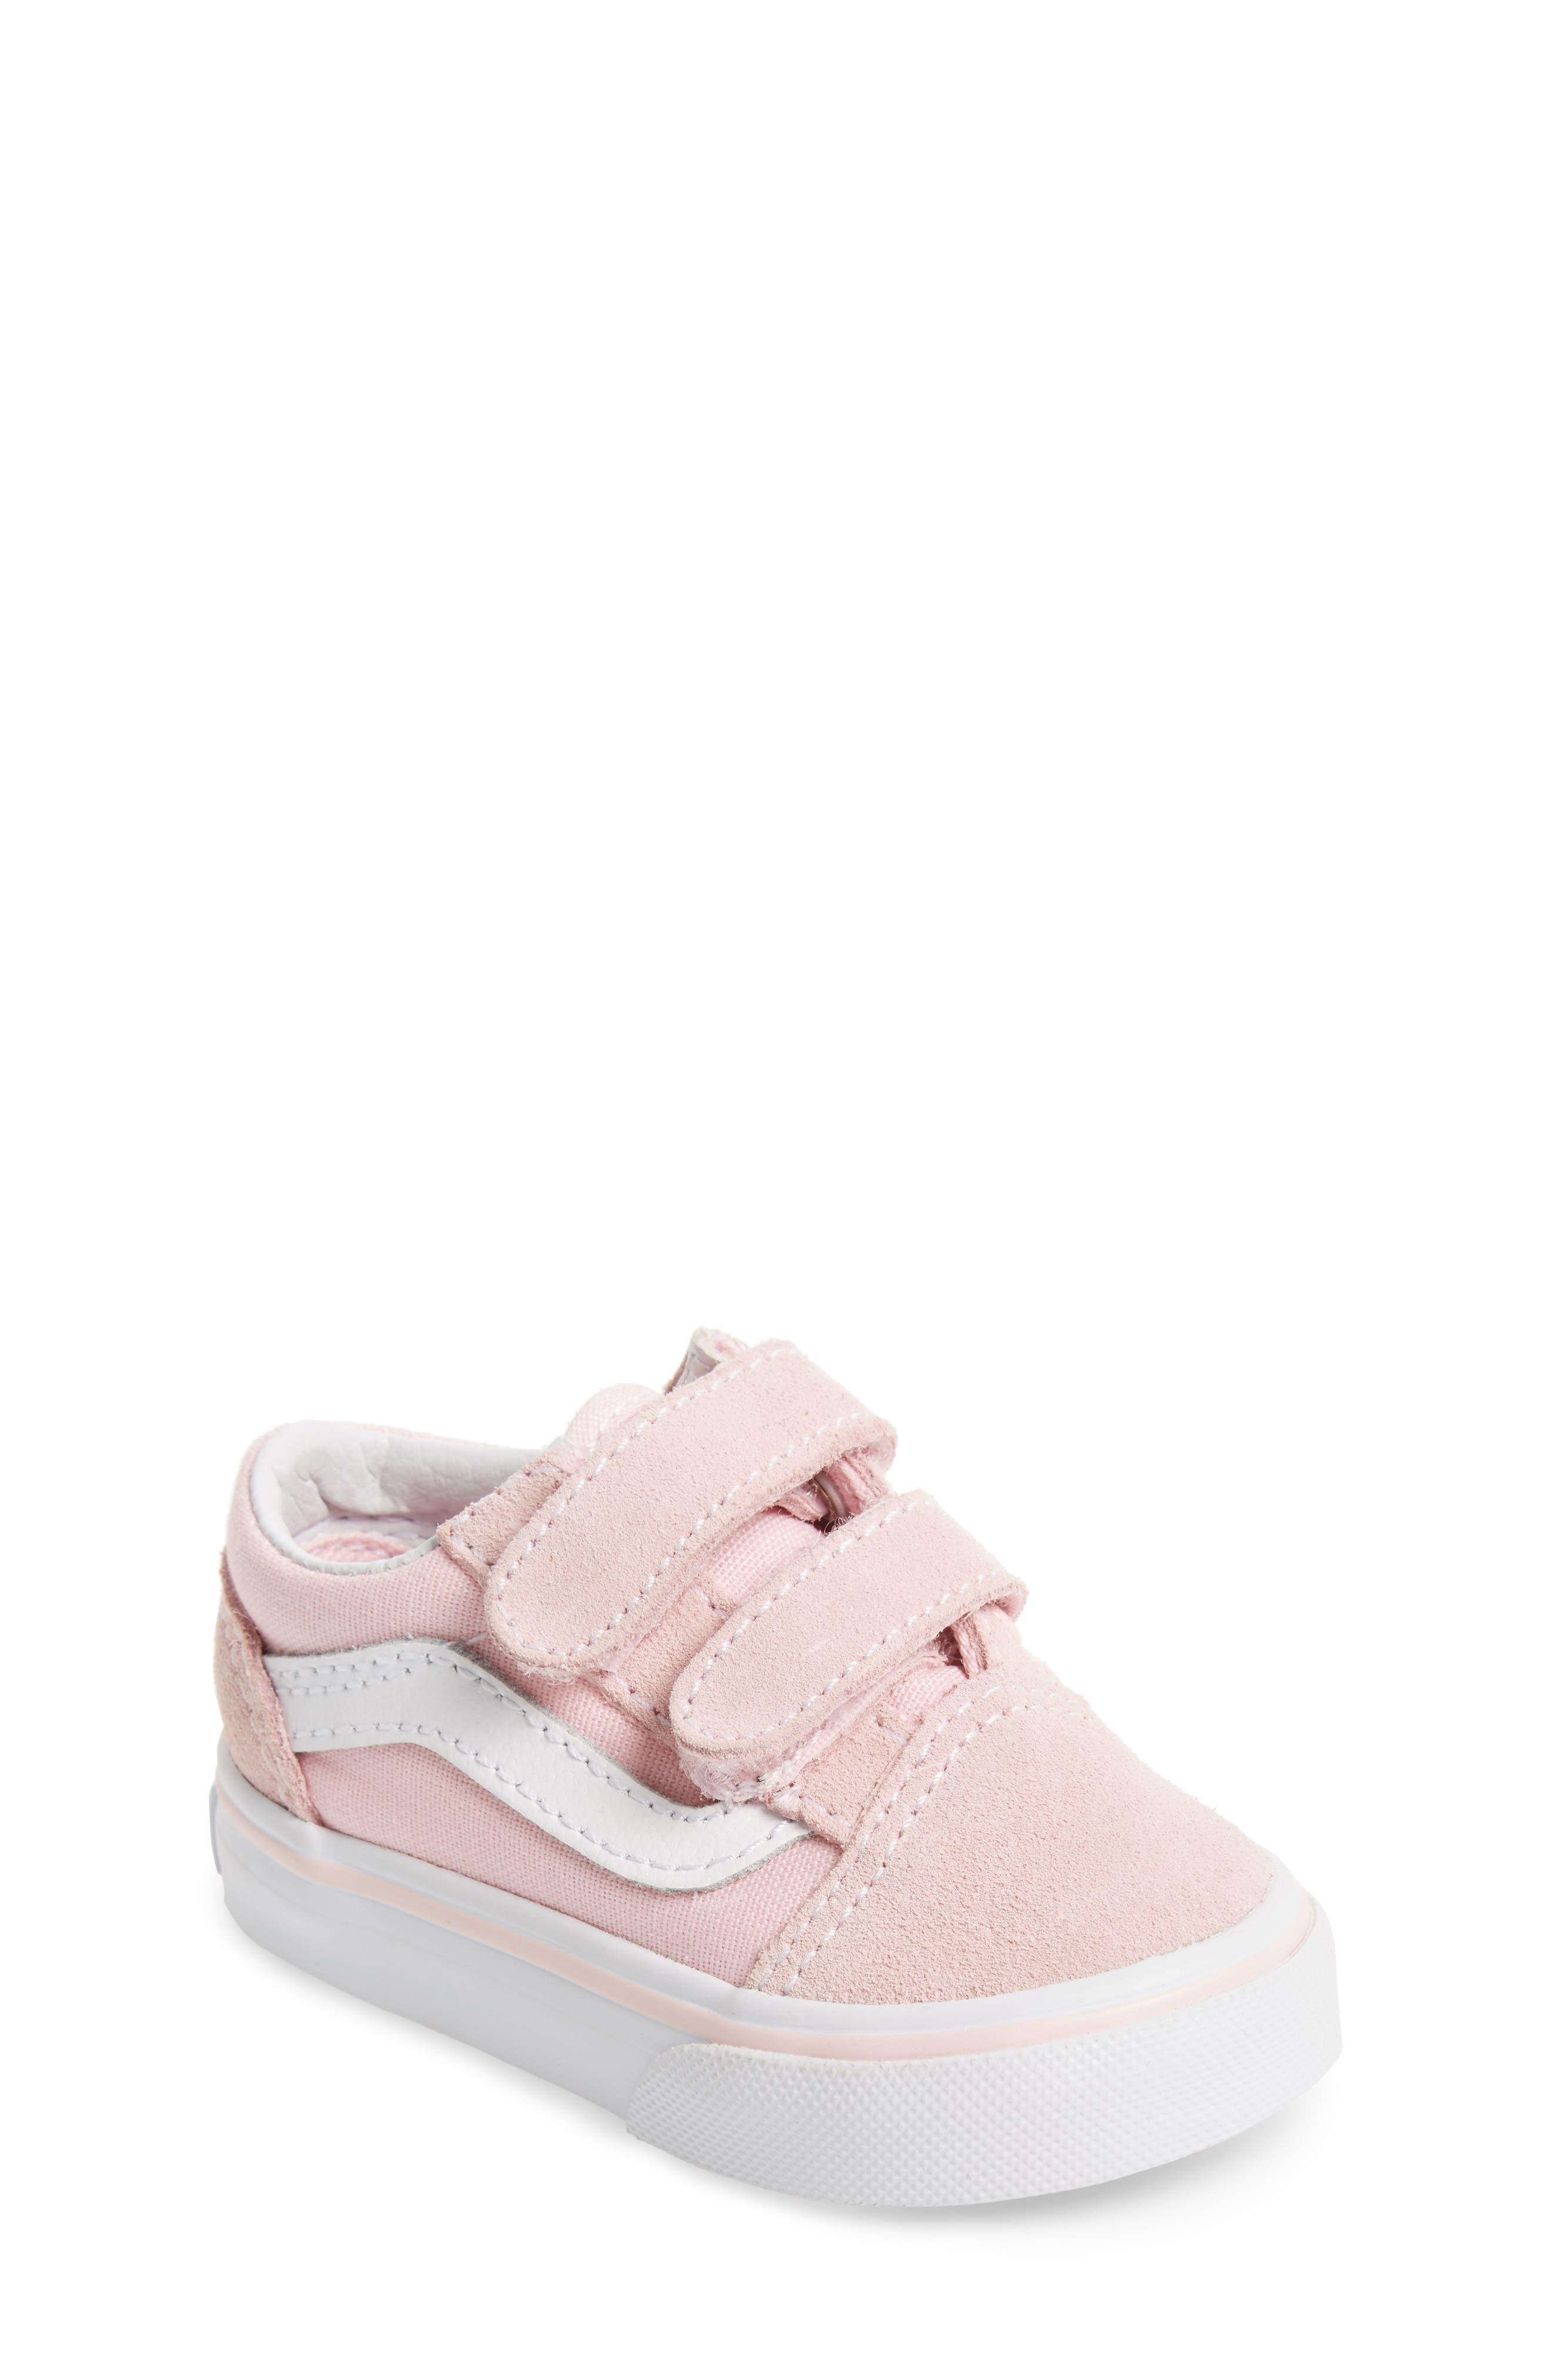 'Old Skool V' Sneaker,                             Main thumbnail 1, color,                             CHALK PINK/ TRUE WHITE